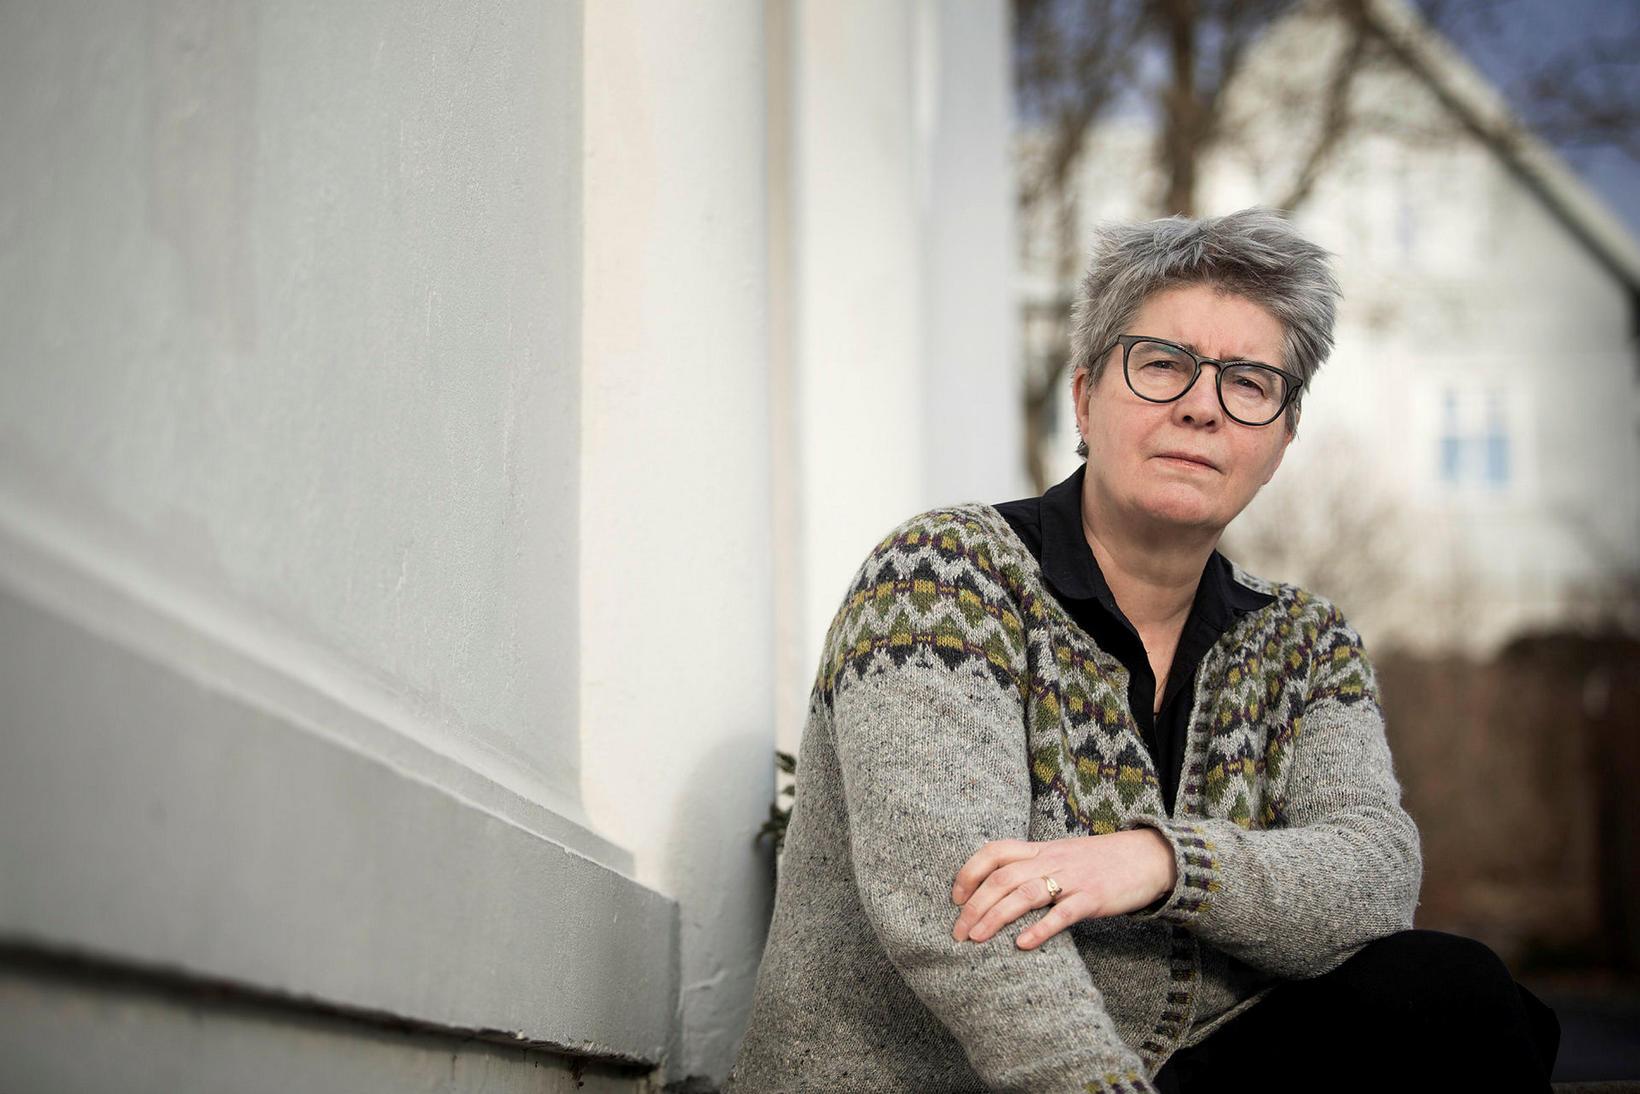 Eiríksína Eyja Ásgrímsdóttir segir mikilvægt að hlusta oftar á hvað …